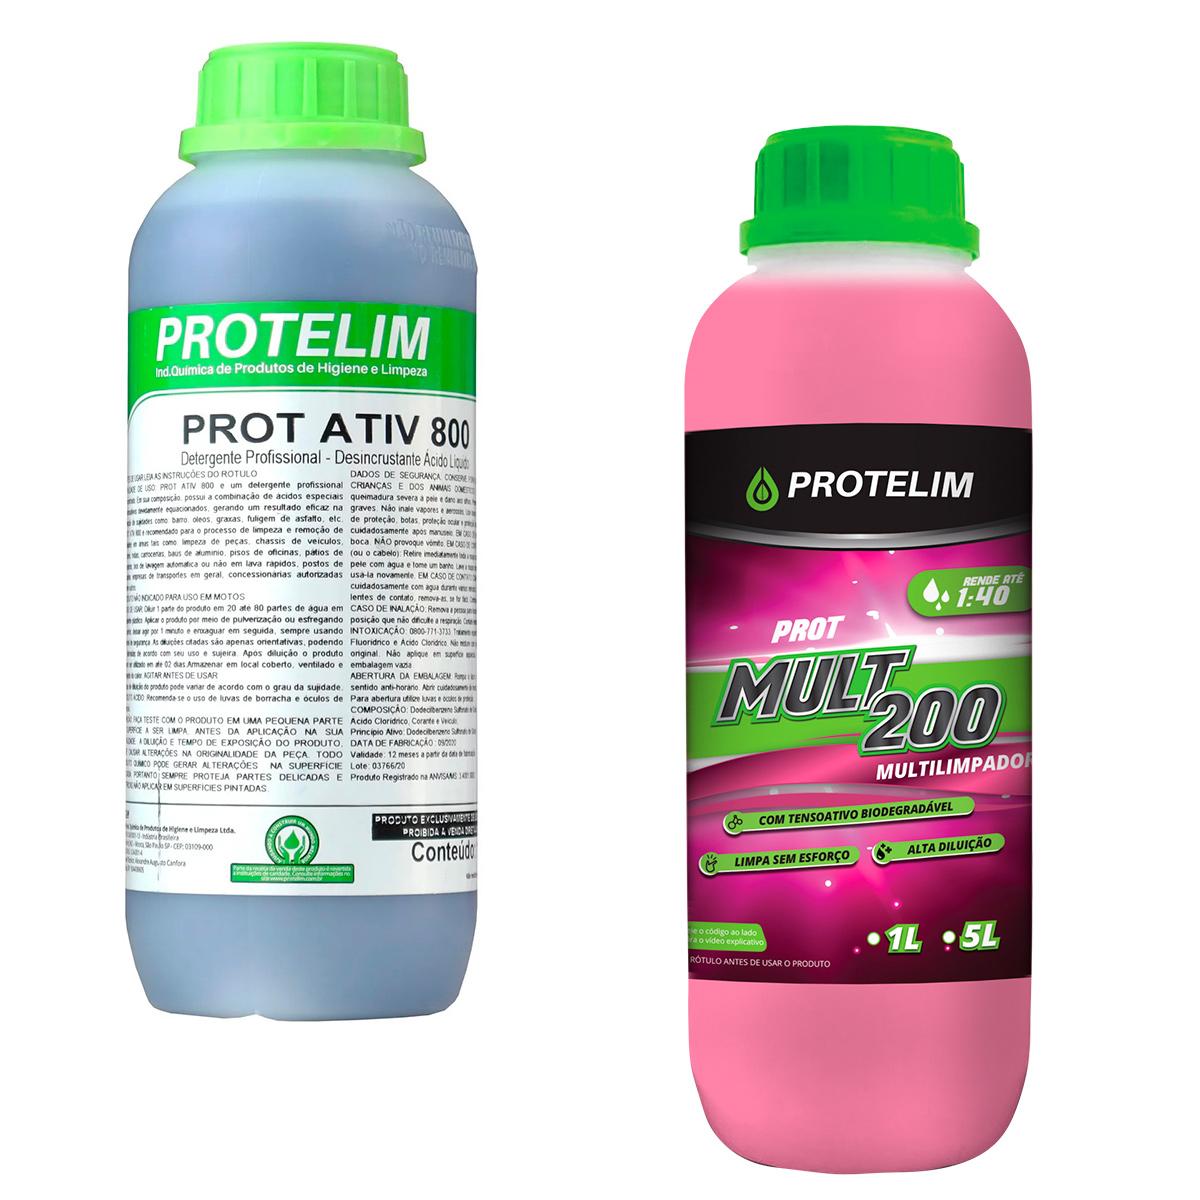 Kit Casadinha Perfeita ( Prot Ativ 800 1 Litro + Pro Mult 200 1 Litro ) - Protelim